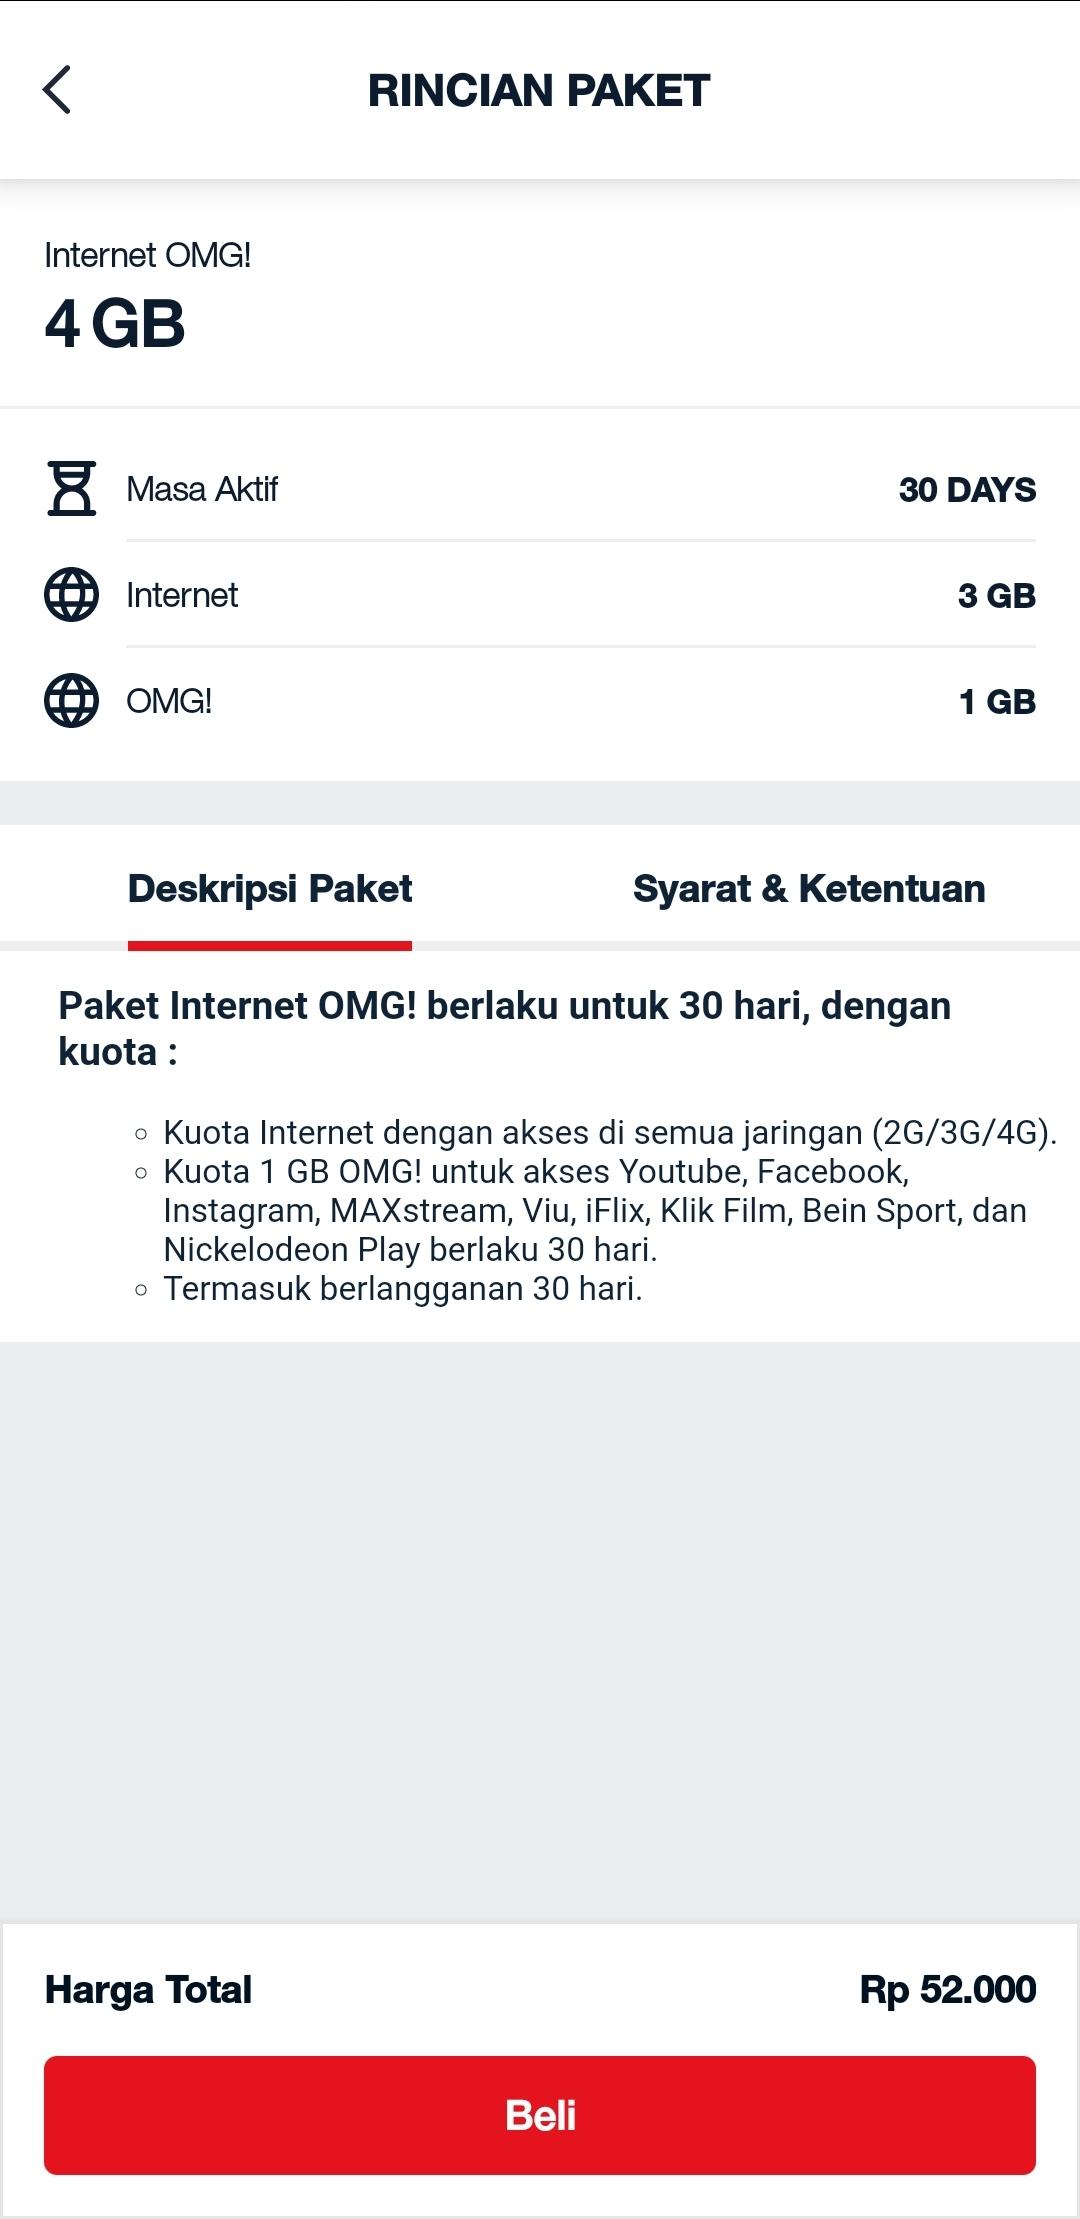 Internet OMG 4 GB